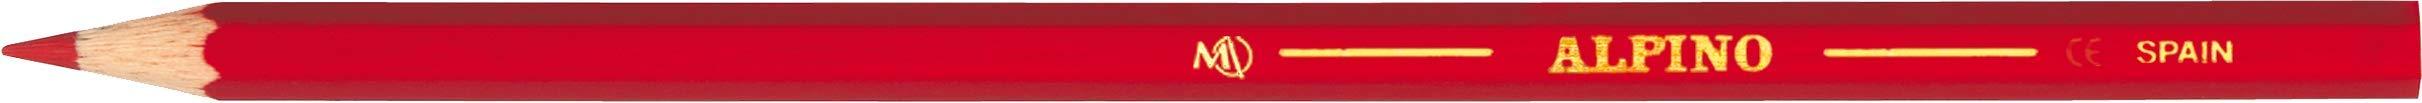 Alpino AL010760 – Estuche 36 lápices